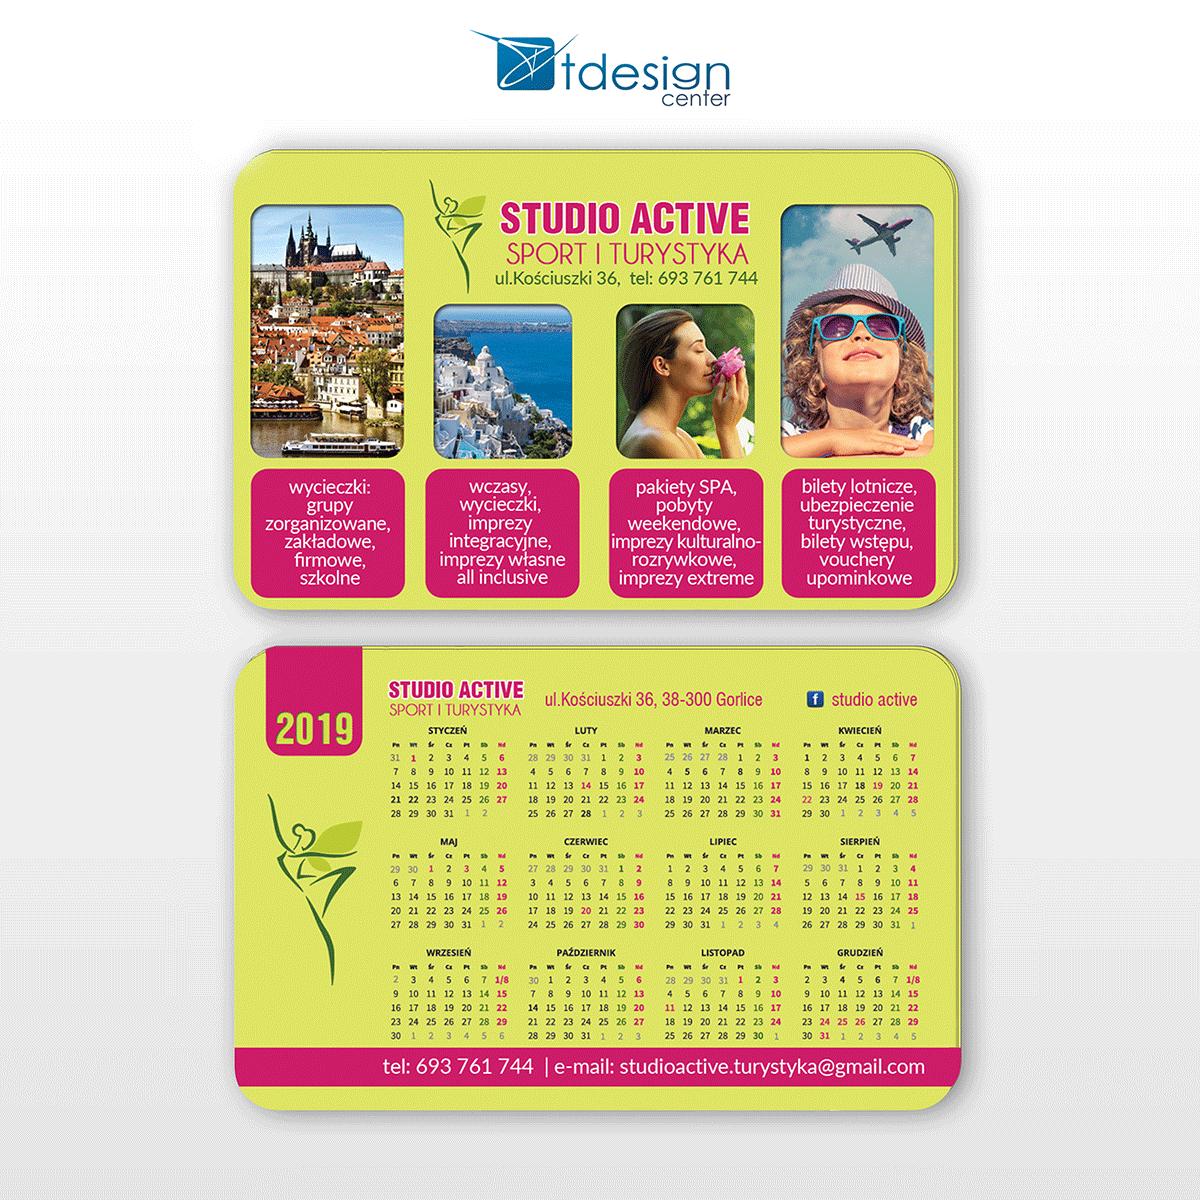 Karta biznesowa/kalendarzyk 85x54mm, projekt + druk, realizacja dla biura podróży Studio Active